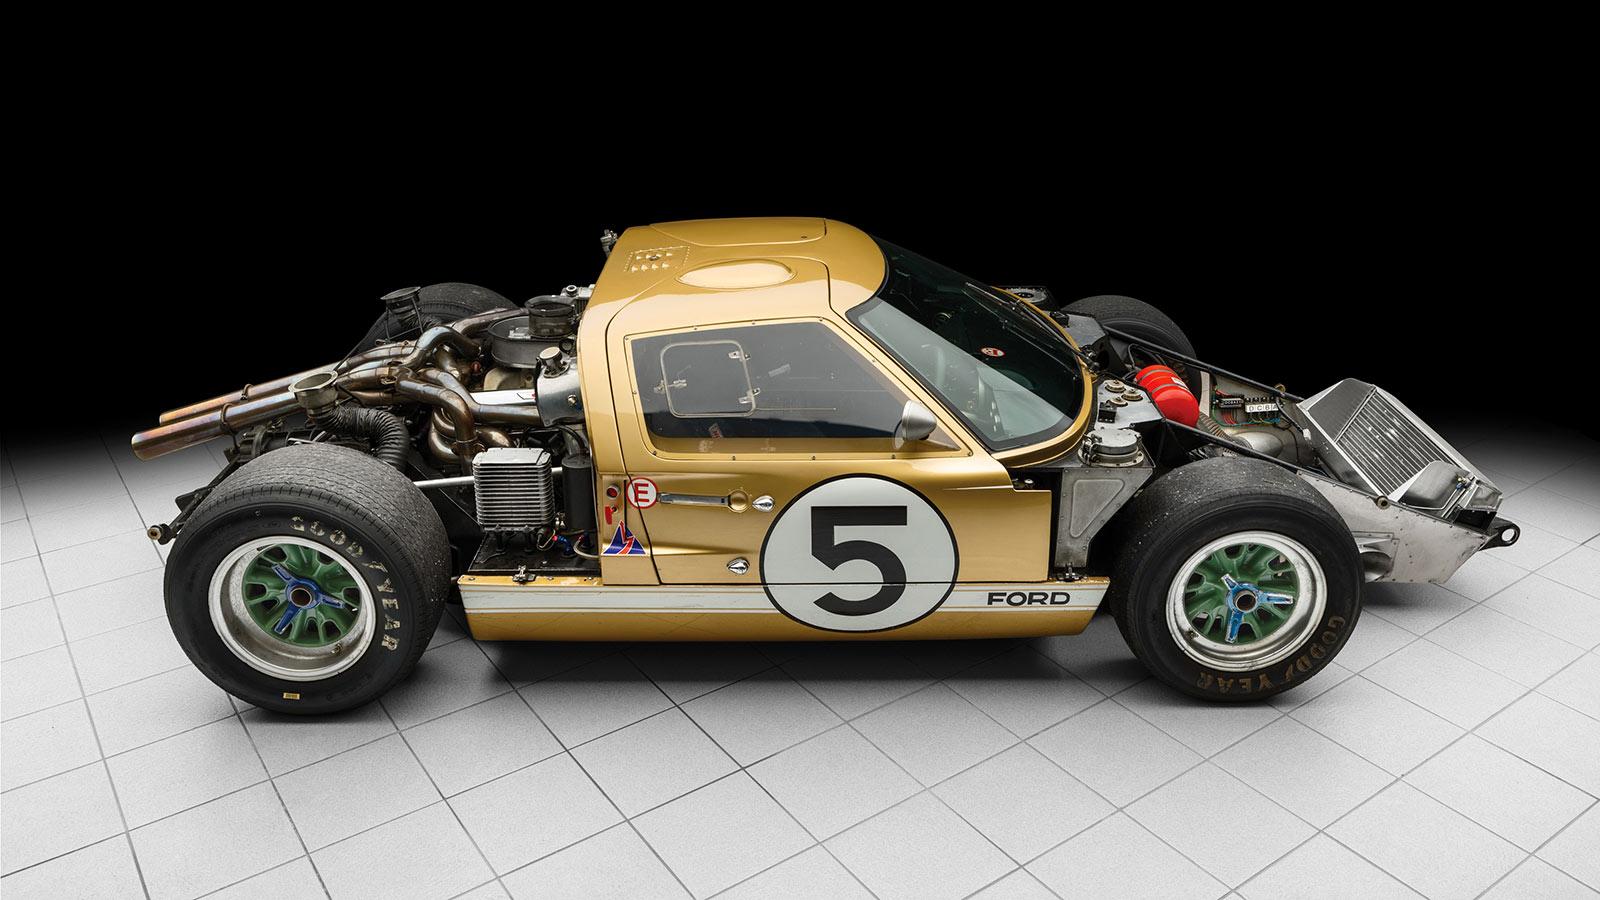 ford GT 40 V8 7 litres